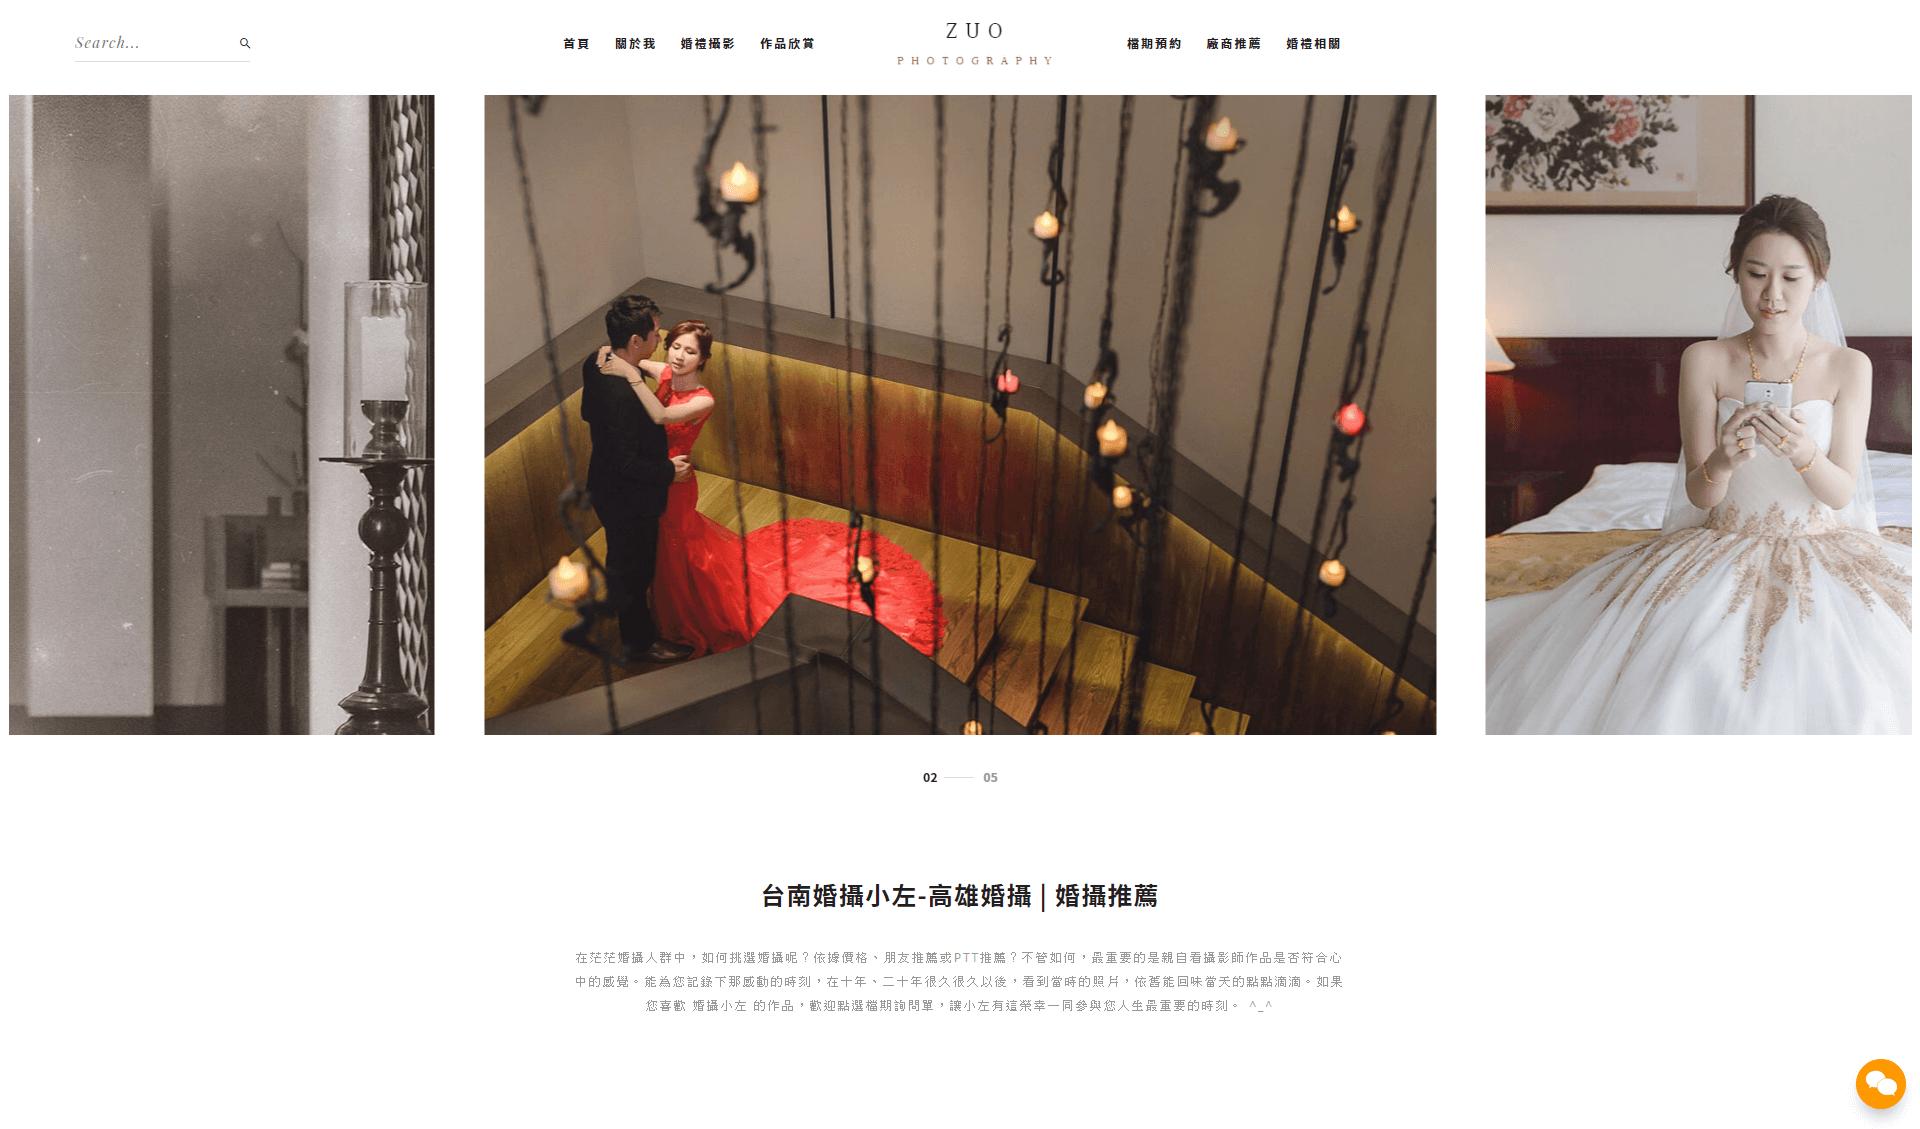 婚攝小左 - SEO 優化 | 網站設計 | 網站架設